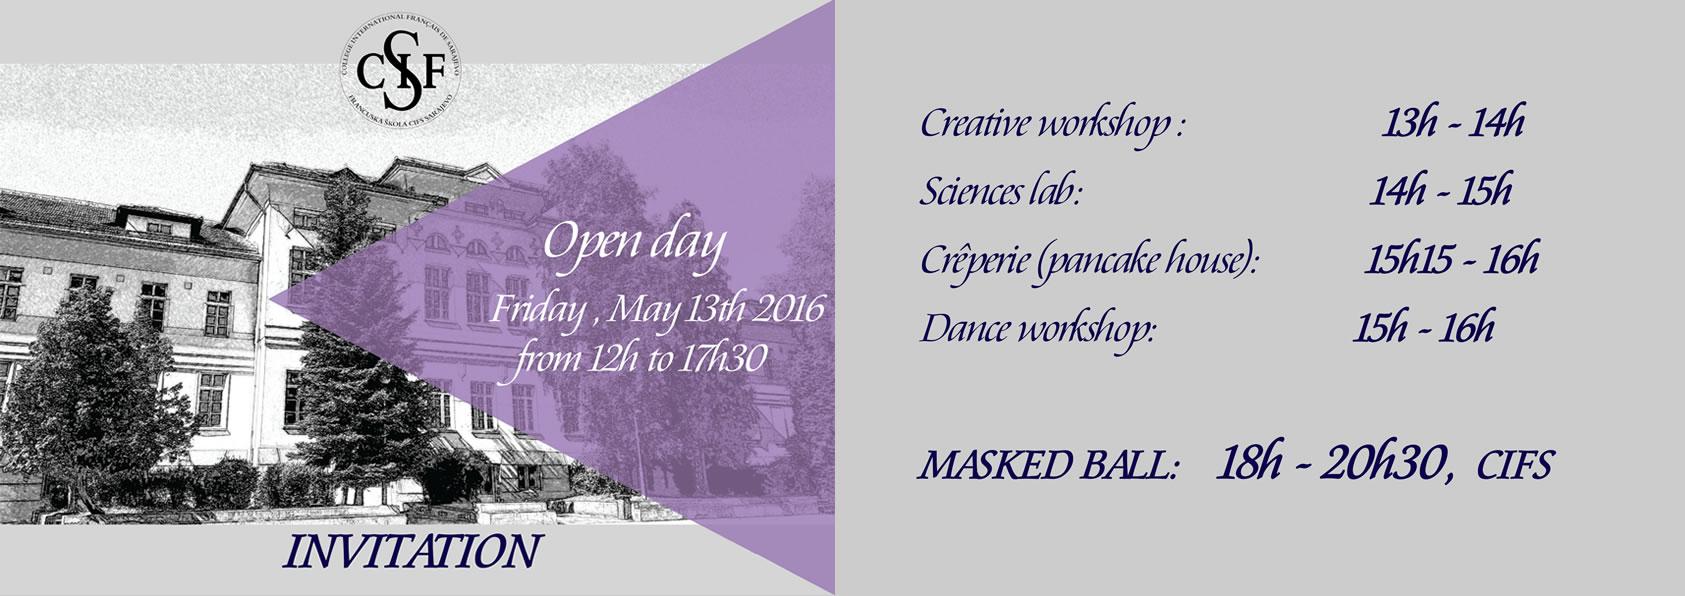 Open day @ CIFS - Invitation